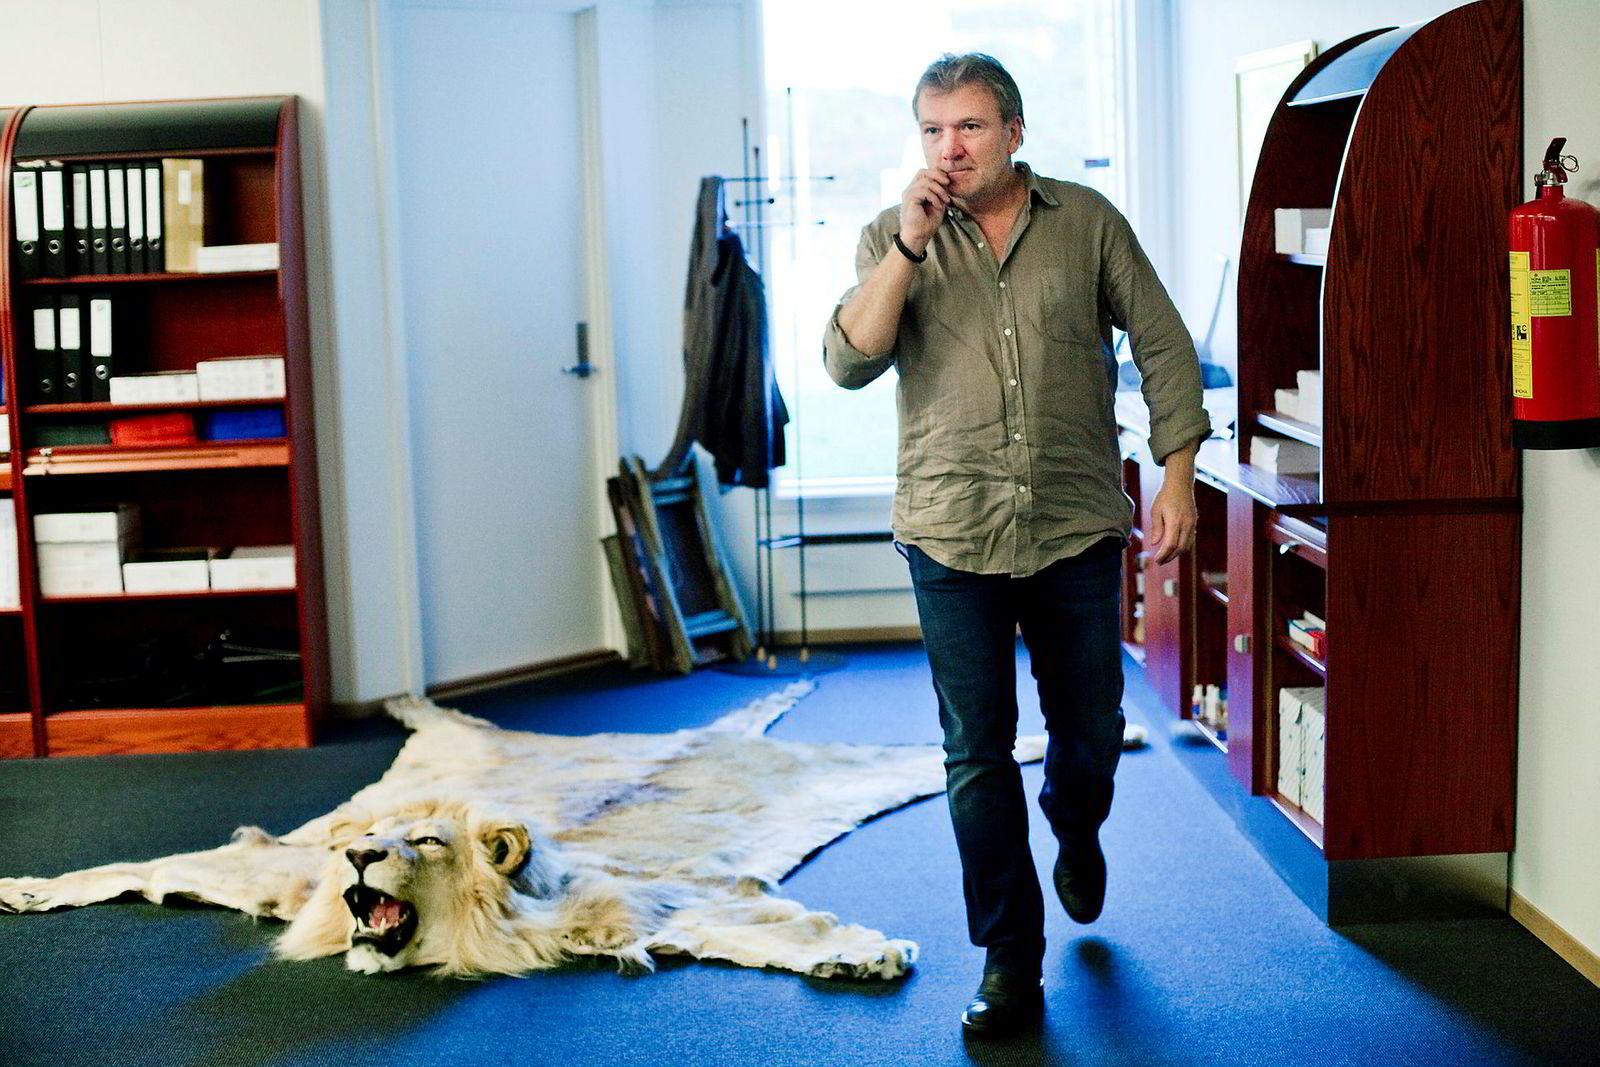 Da DN var på besøk på Øivind Tidemandsens kontor i 2011, lå det en løvefell på gulvet. Den hadde han skutt selv, men tok så mye plass at han ikke kunne ha den hjemme. I 2018 importerte han en ny løve.